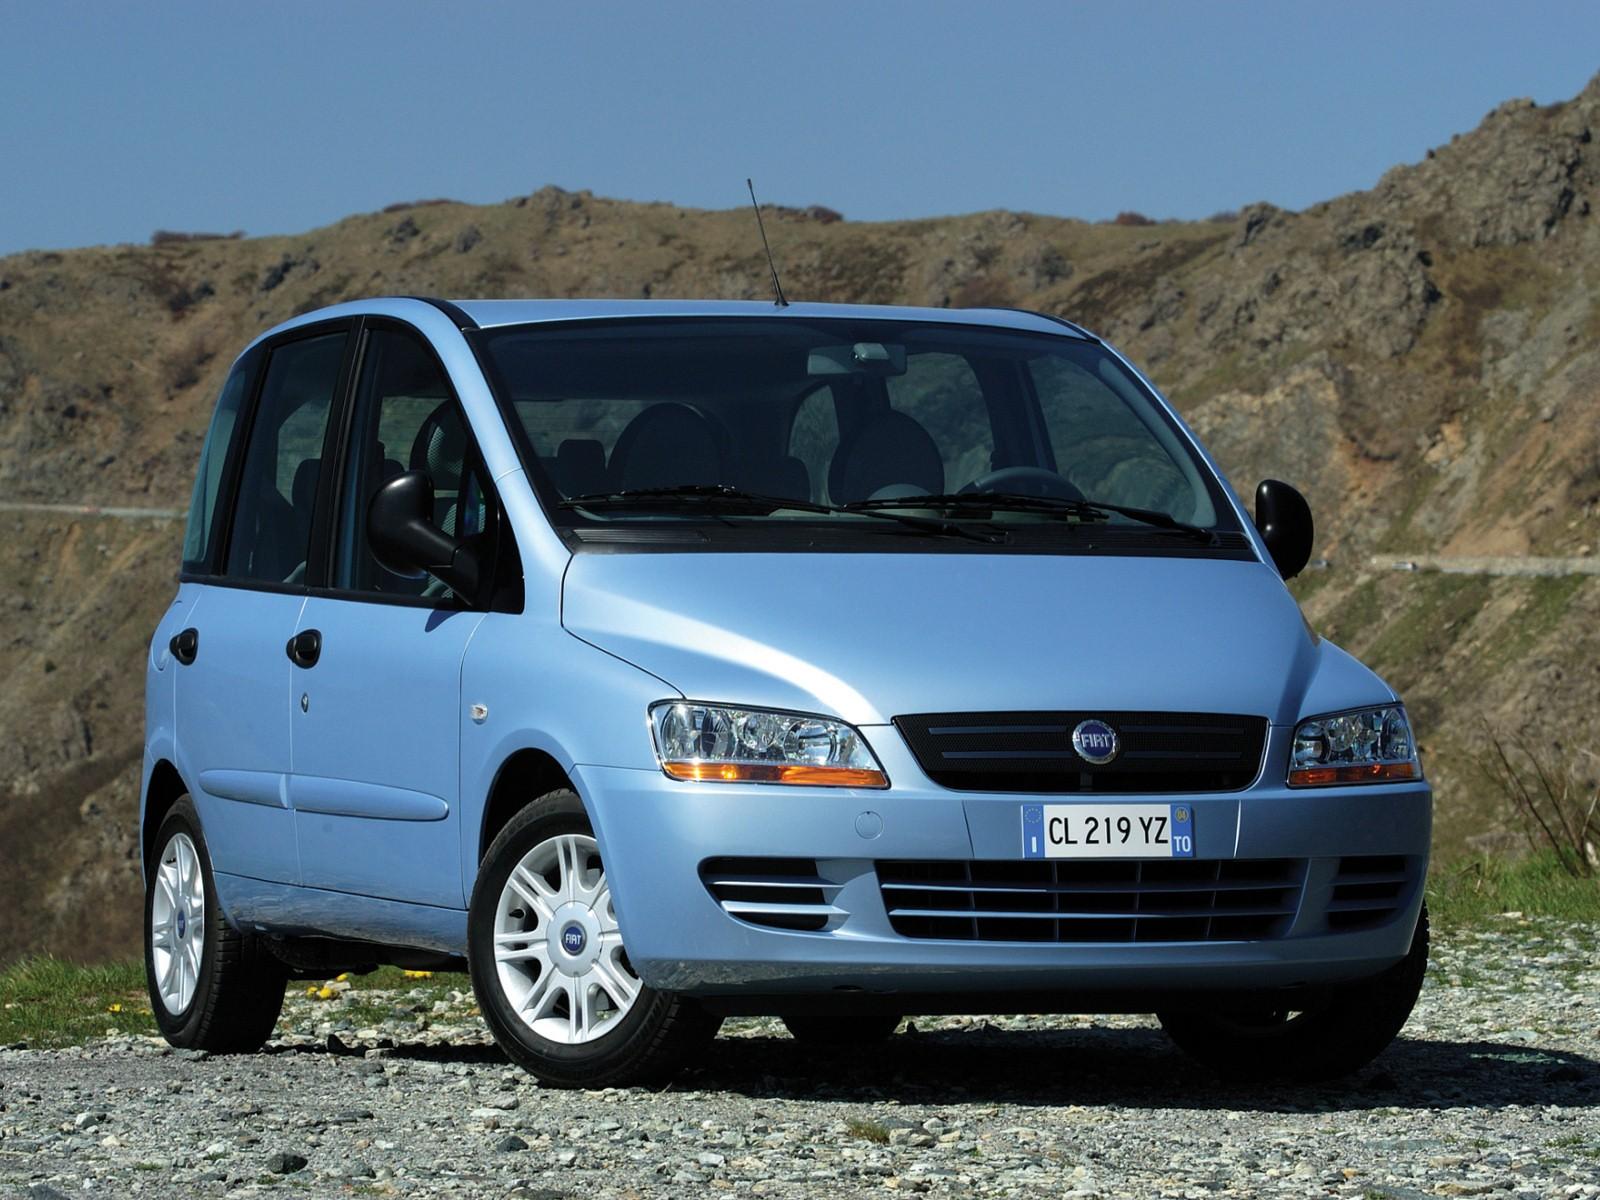 2004 Fiat Multipla